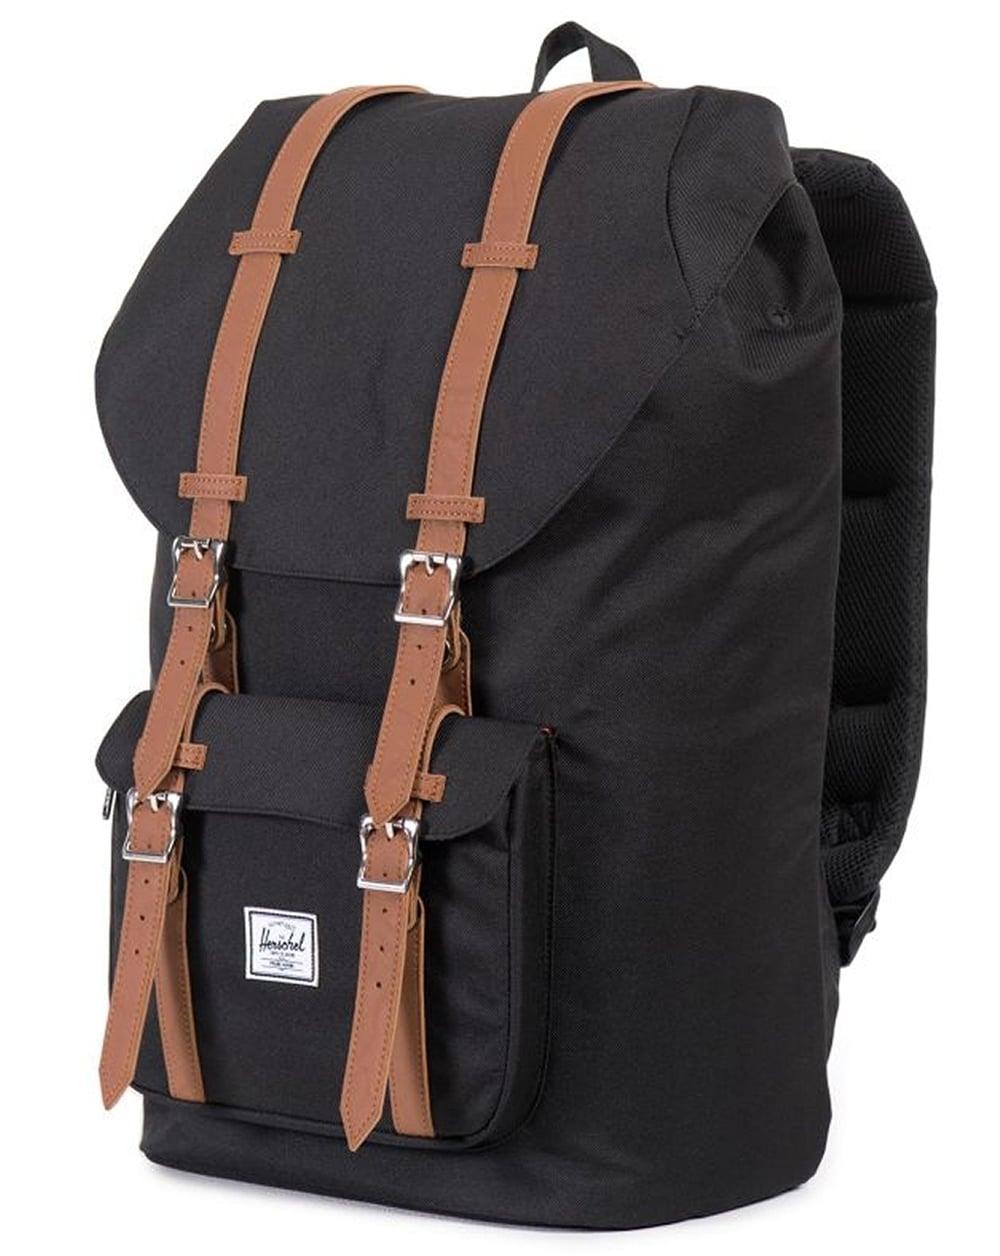 965191415b Herschel Herschel Little America Backpack Black Tan